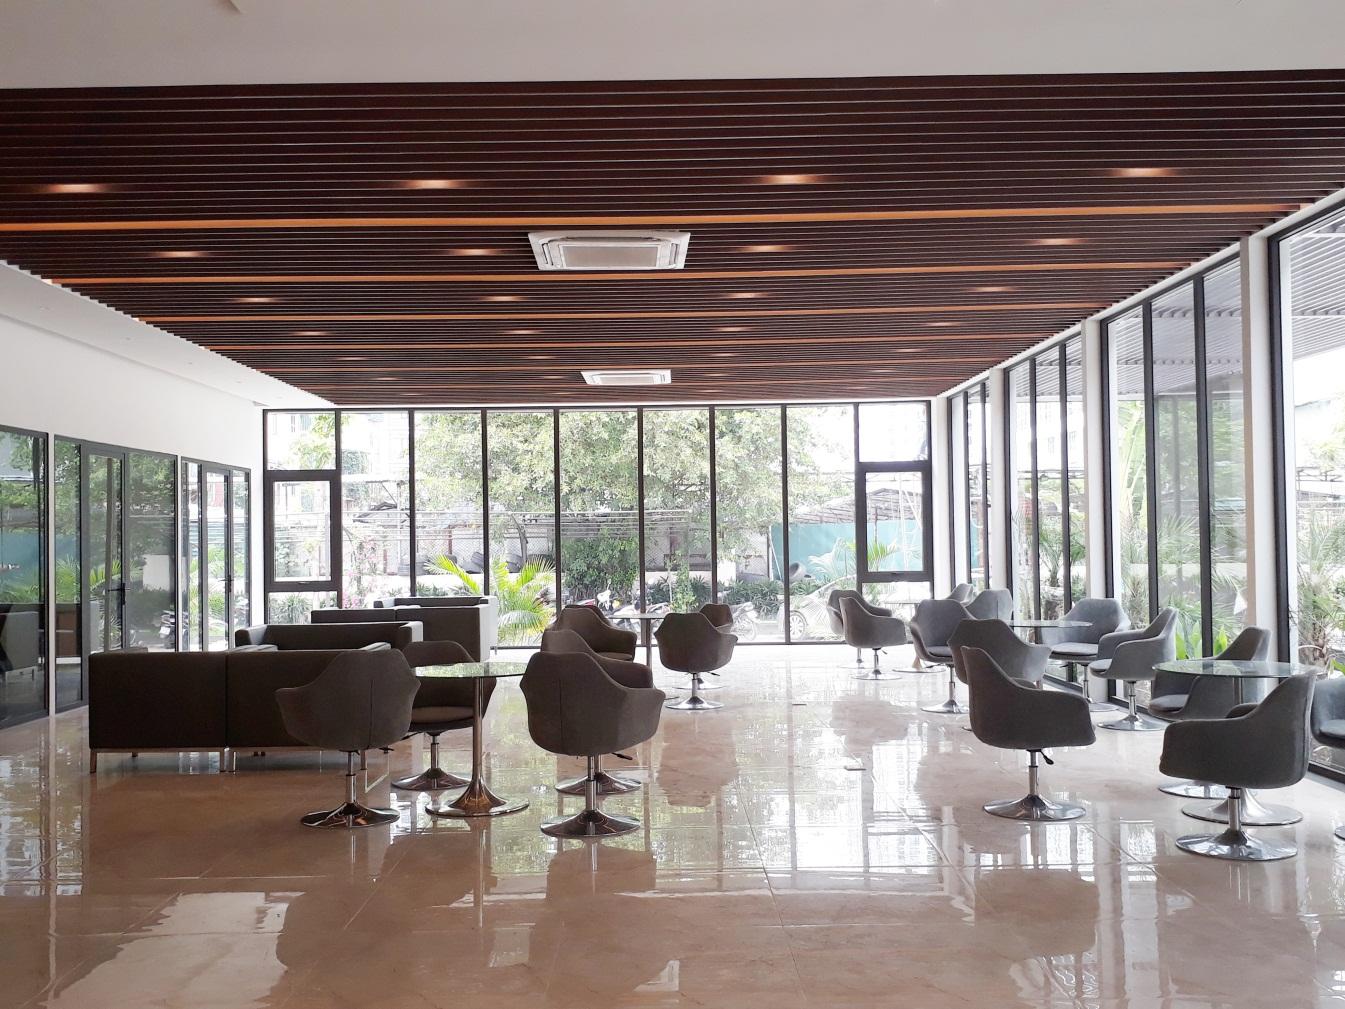 Khu văn phòng bán hàng dự án Green Pearl 378 Minh Khai